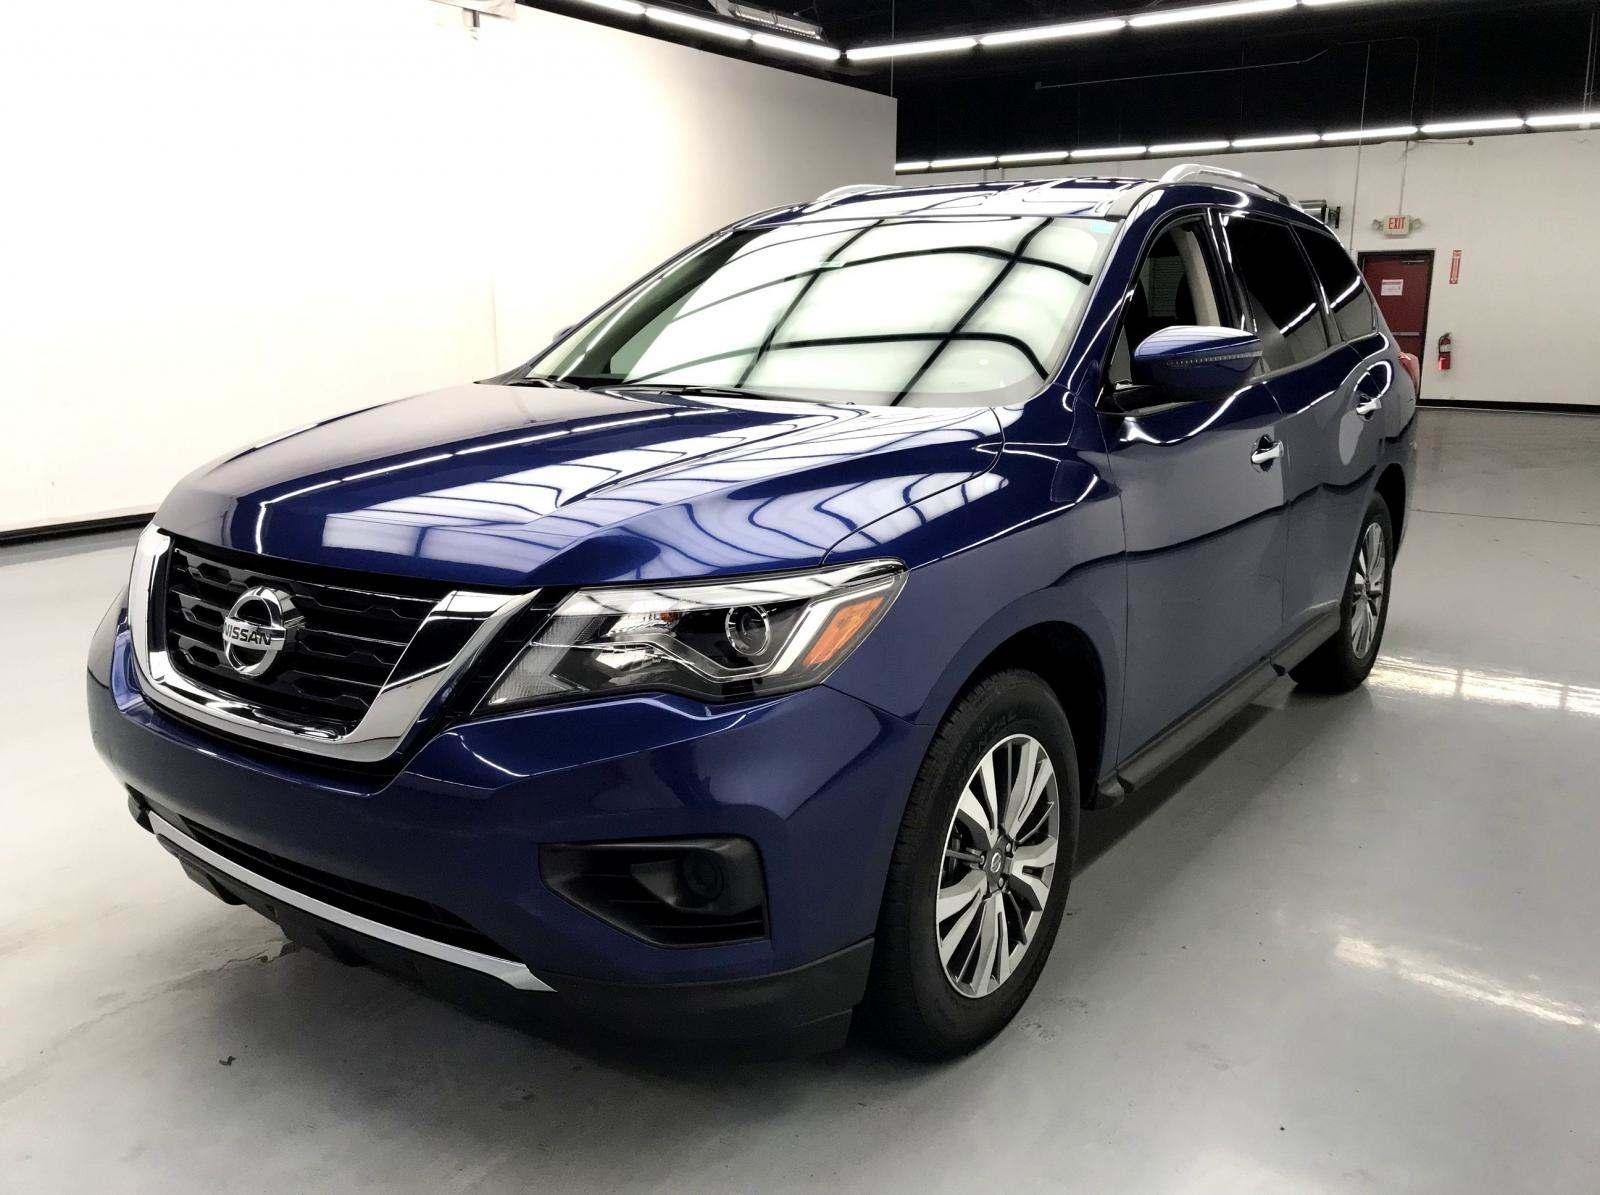 Nissan Suv Used >> Used 2019 Nissan Pathfinder For Sale 23 030 Vroom